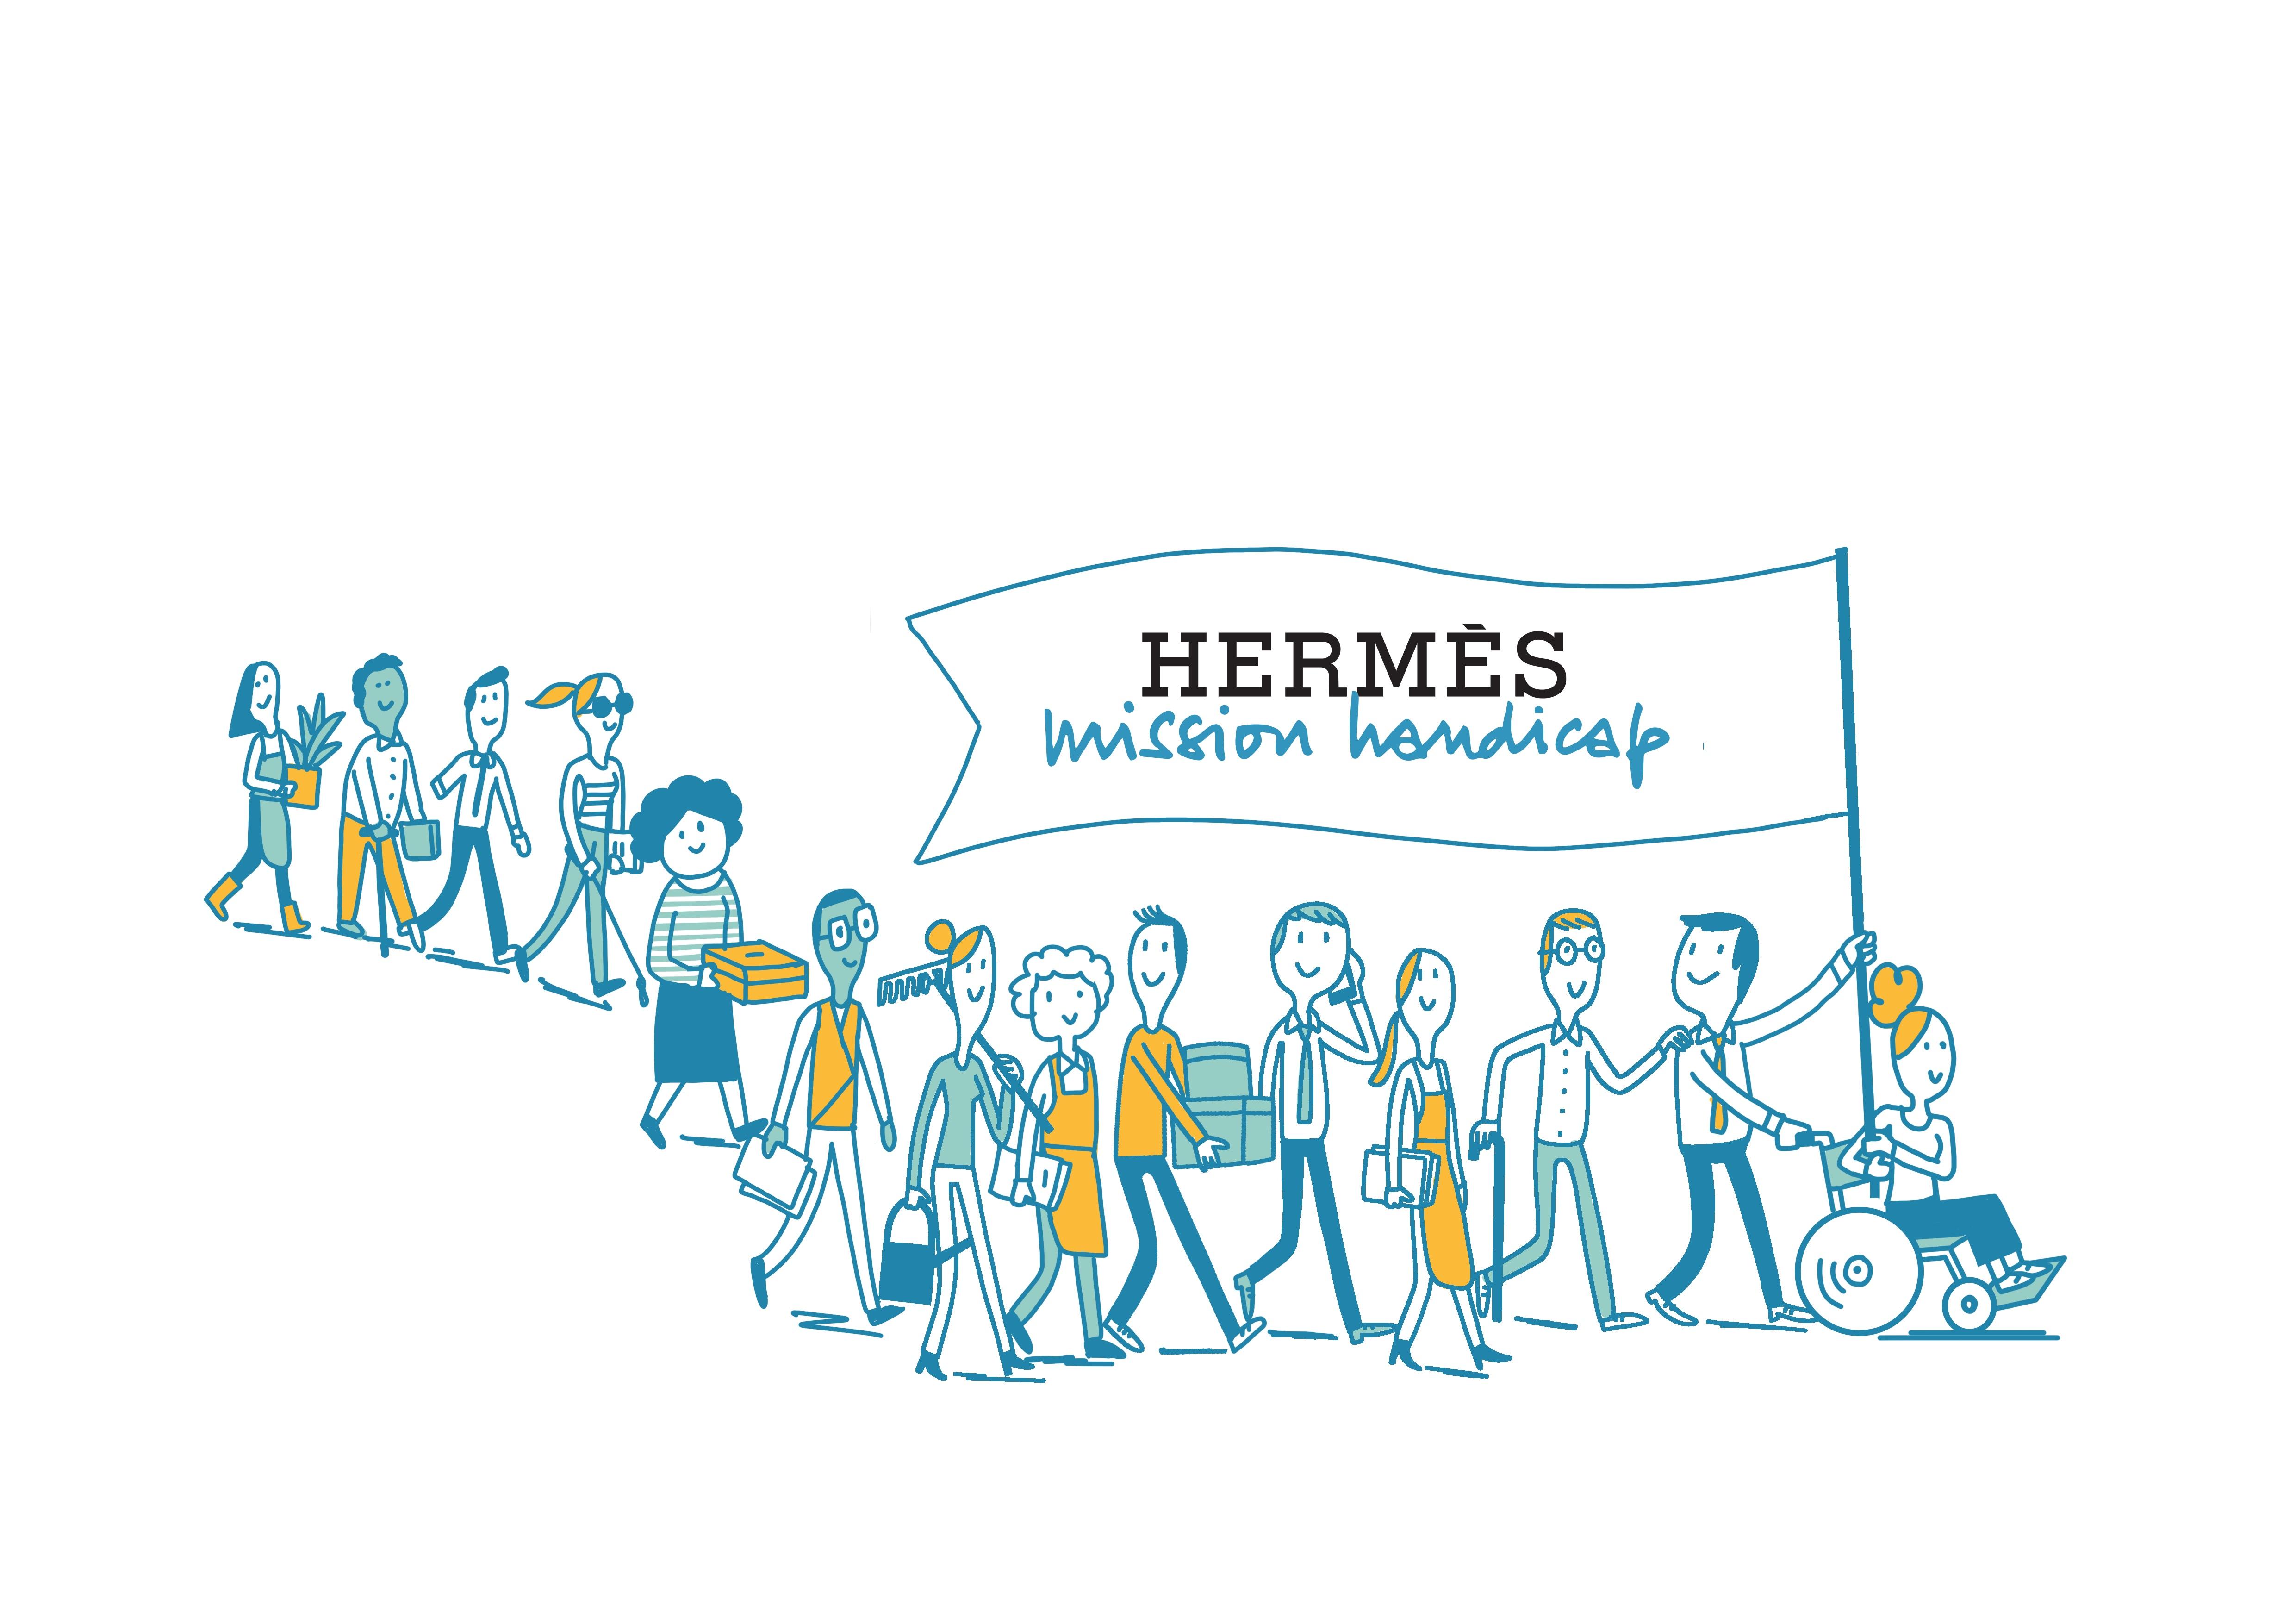 Mission Handicap Hermès